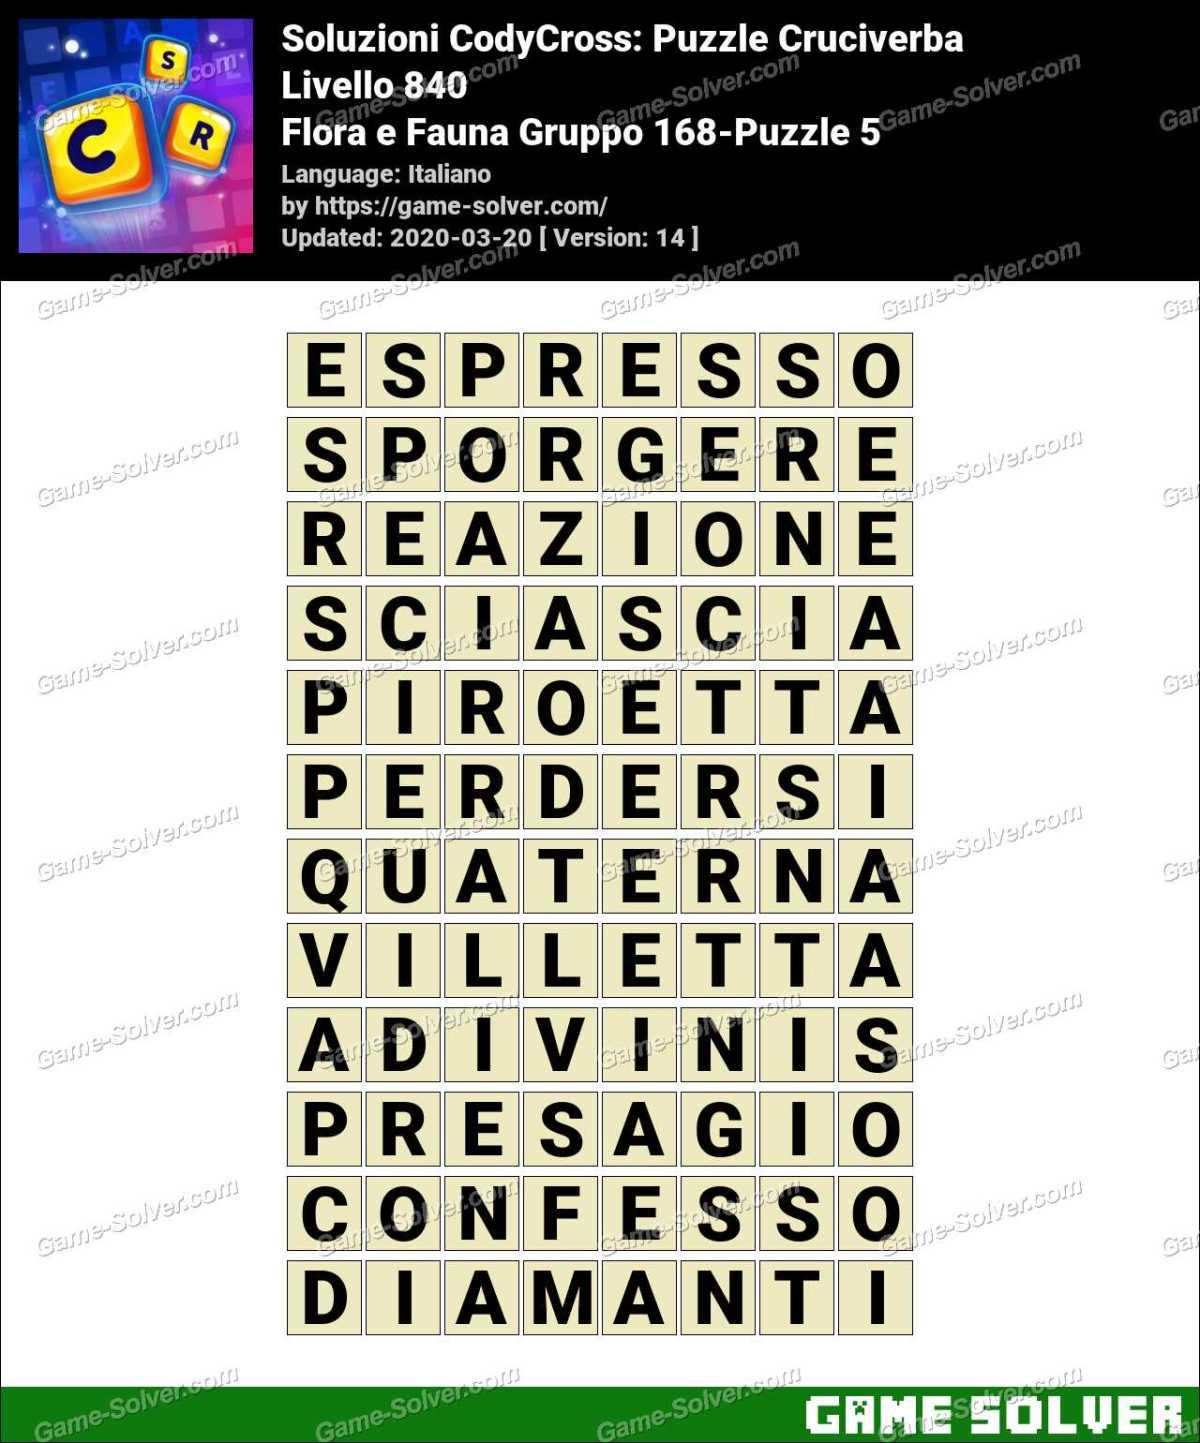 Soluzioni CodyCross Flora e Fauna Gruppo 168-Puzzle 5